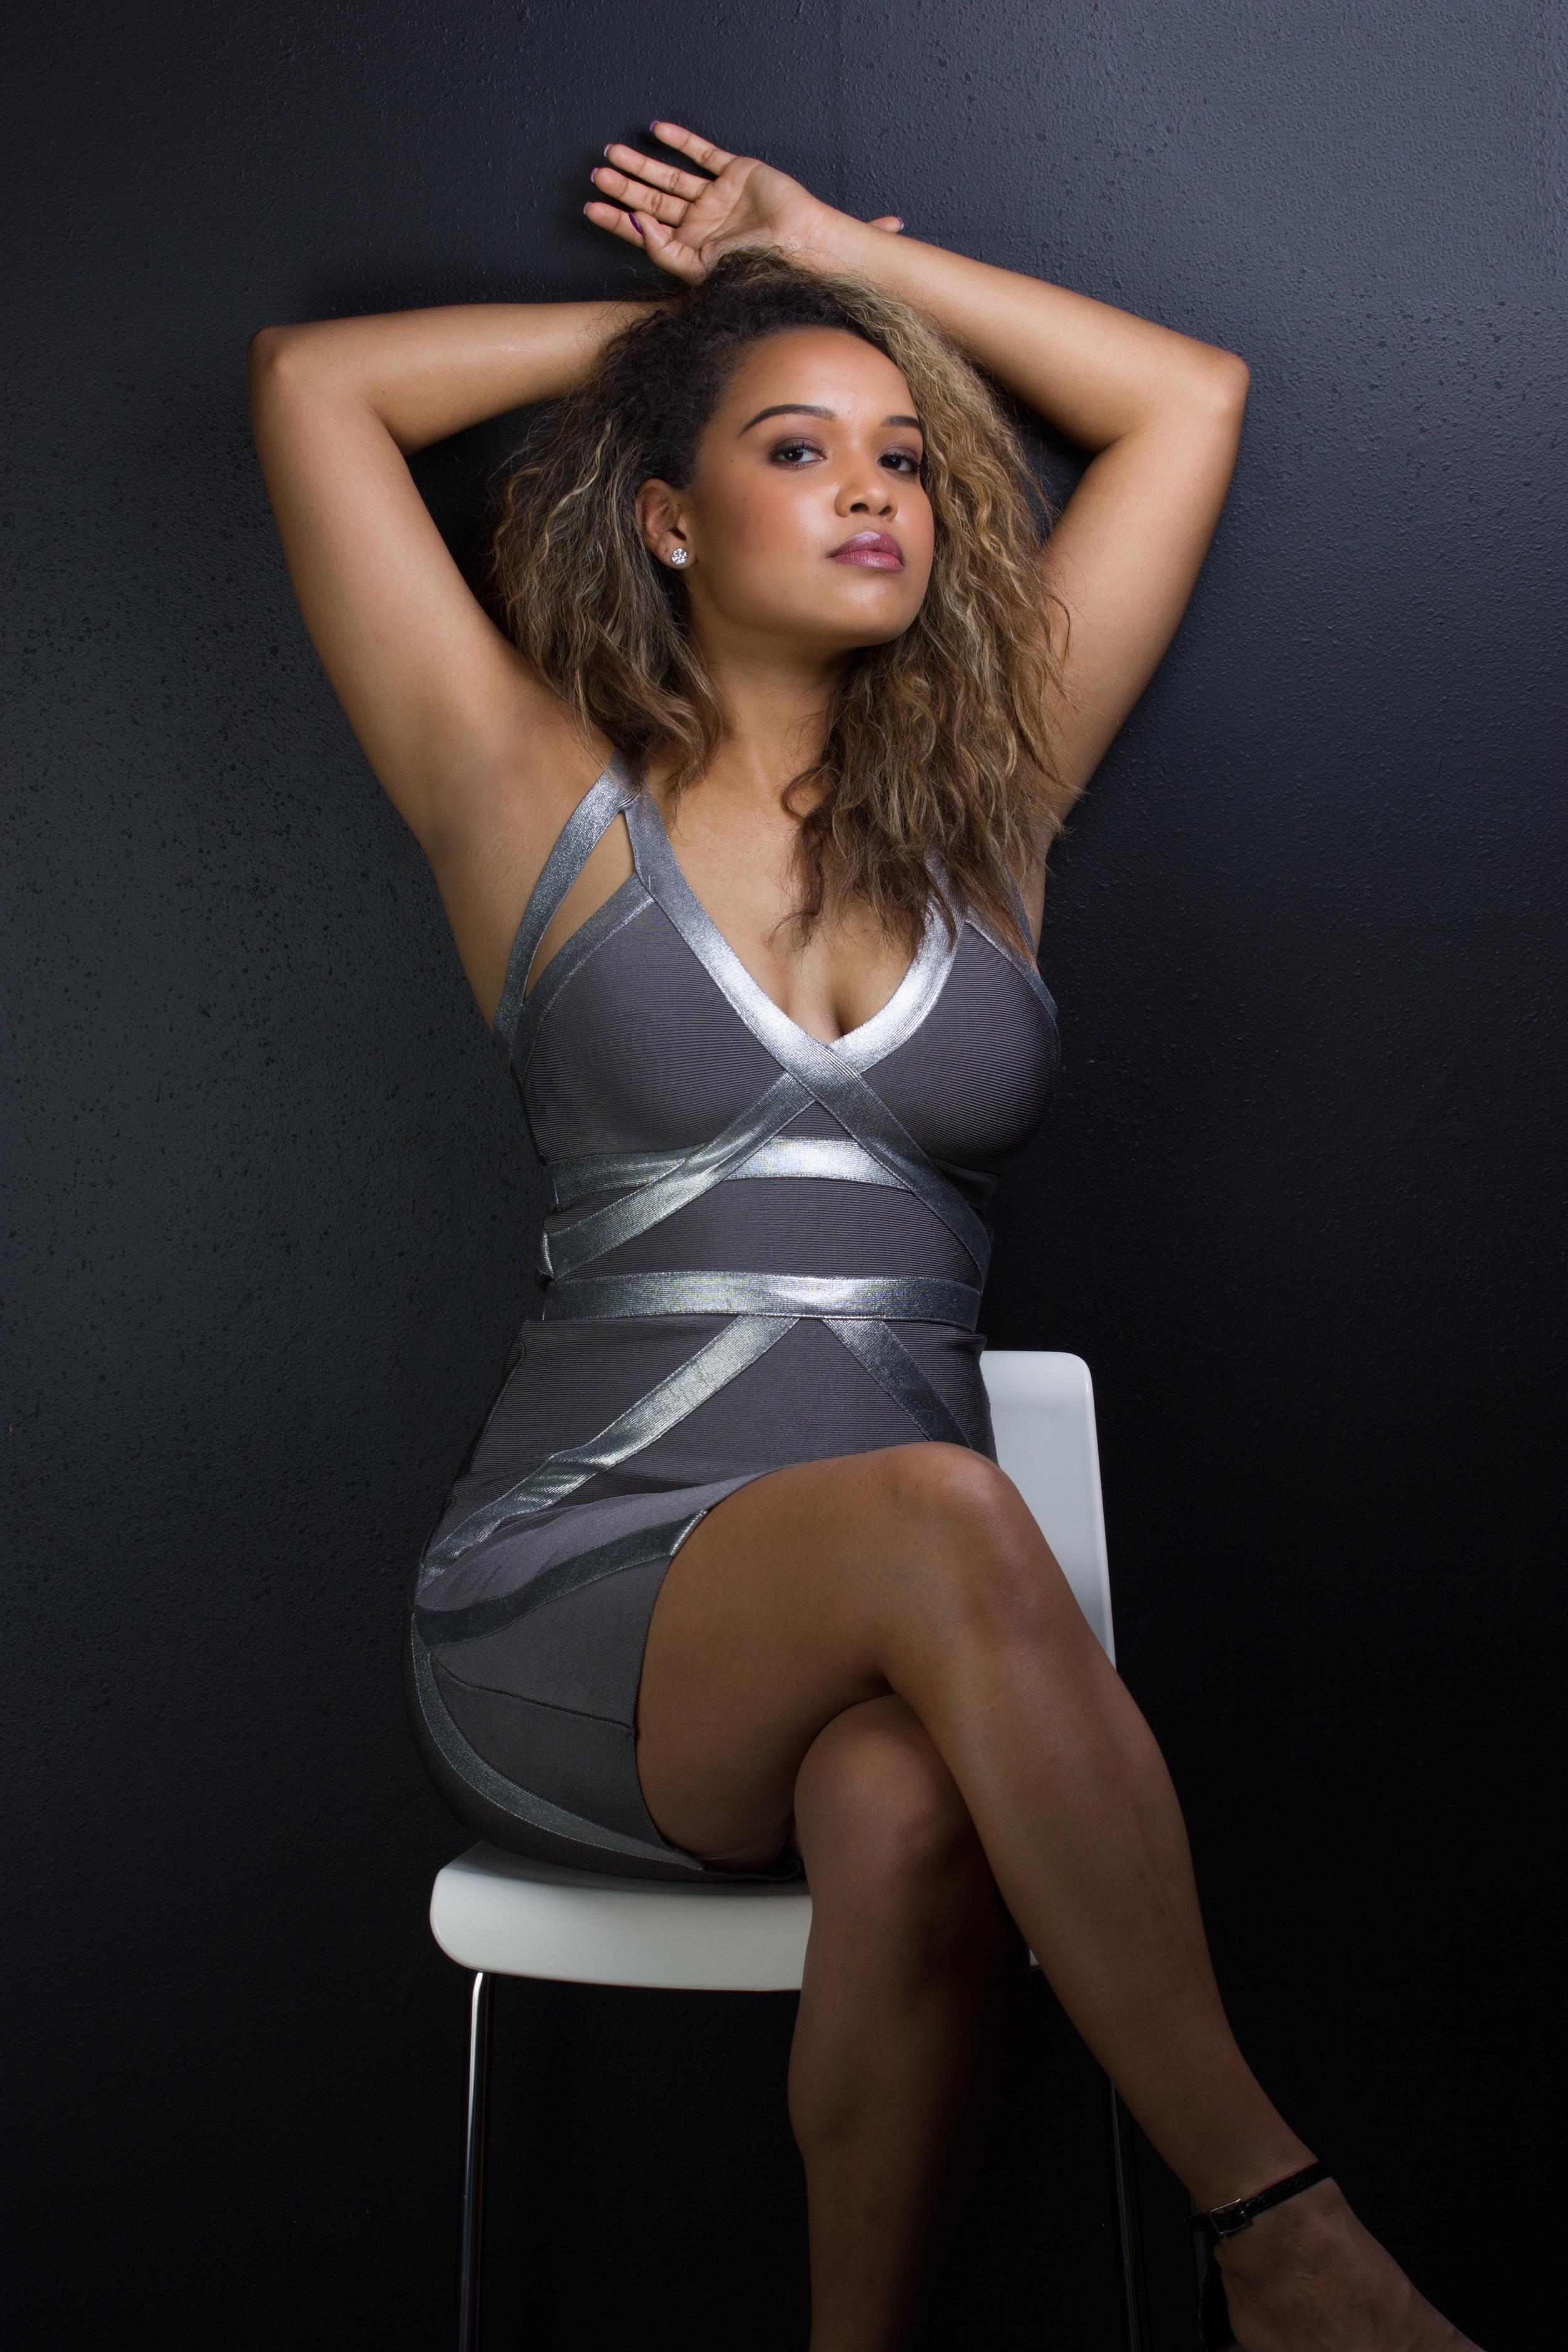 Jenn-Daniels-Chamber-Photography-Moments-Chamber-antoine-hart-9.jpg